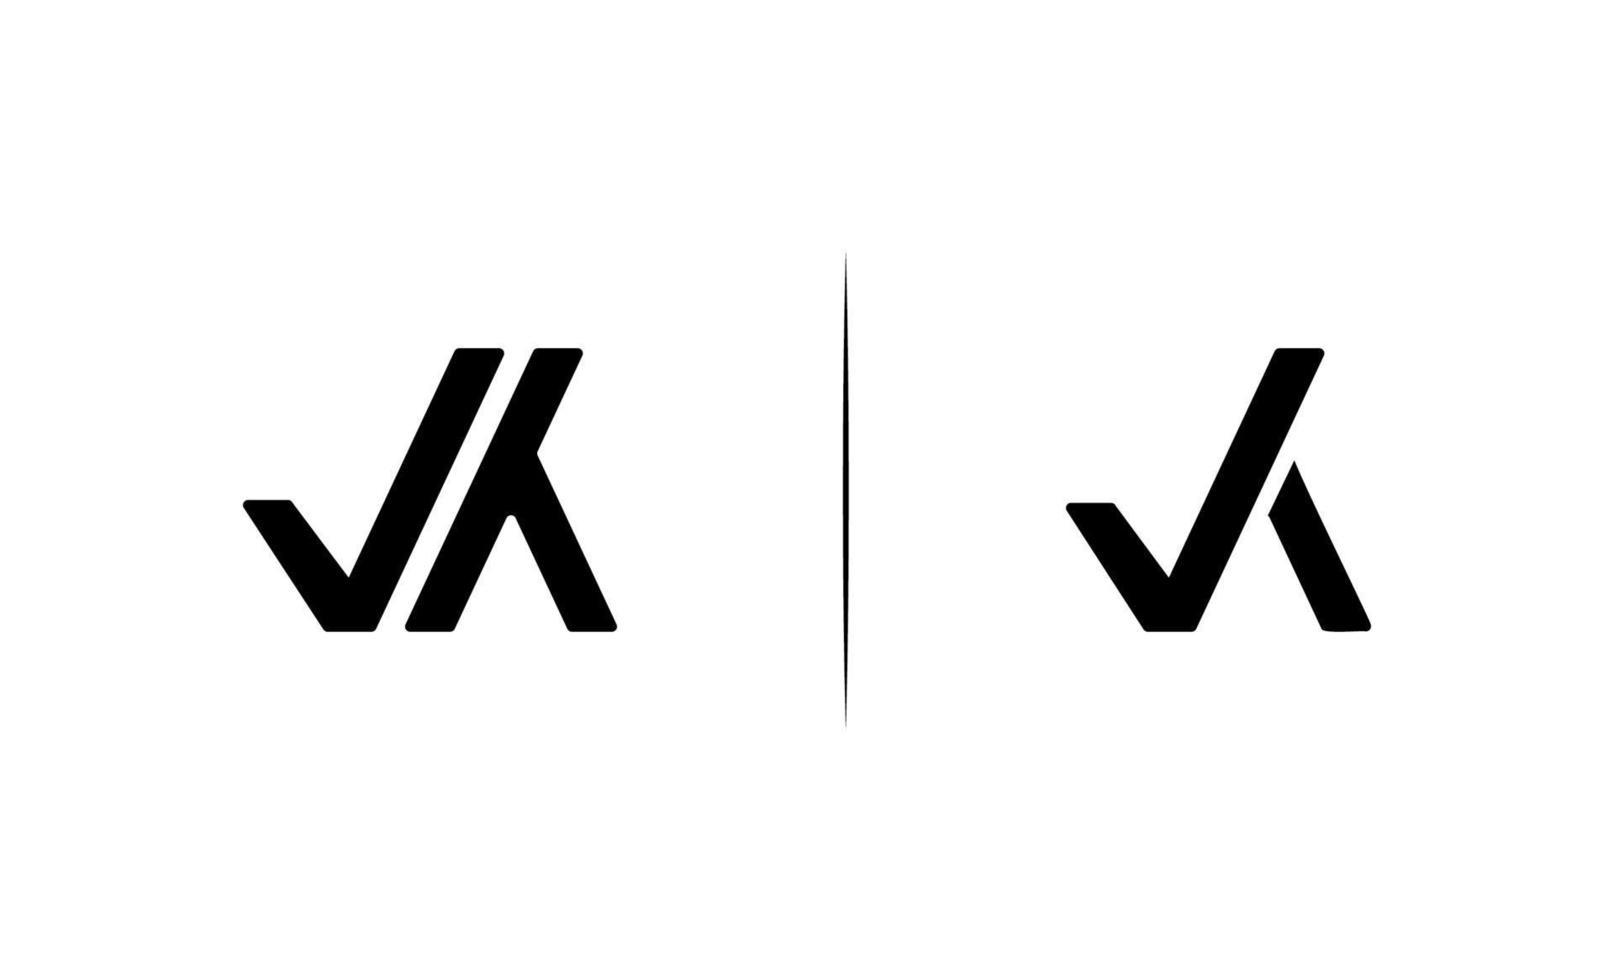 eerste vk logo ontwerpsjabloon vector